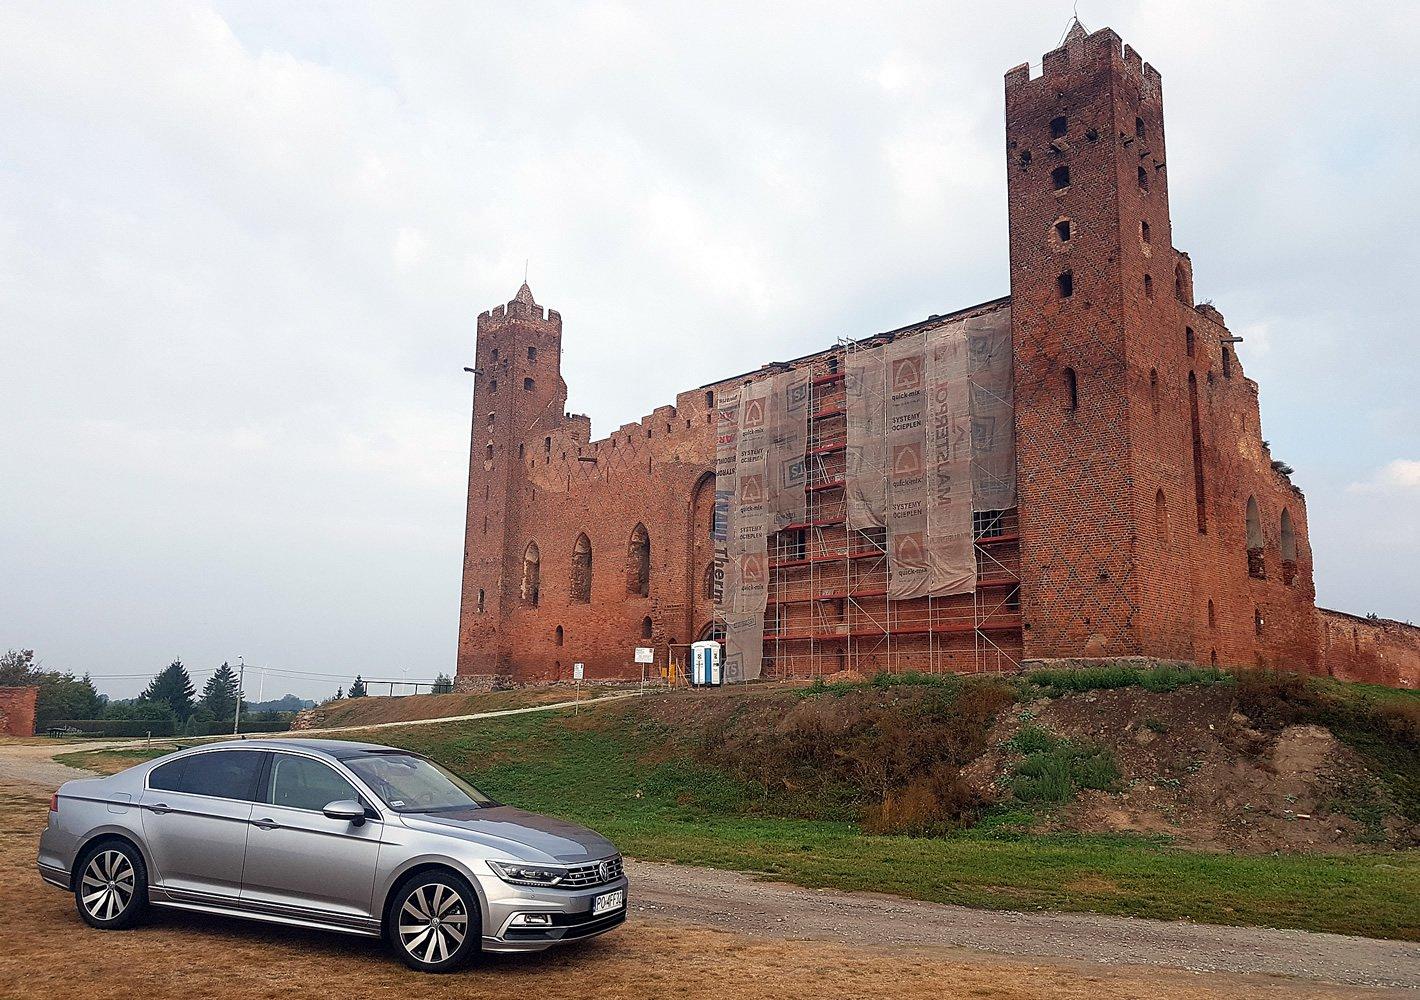 Volkswagen Passat 2.0 TDI - na tle zamku krzyżackiego